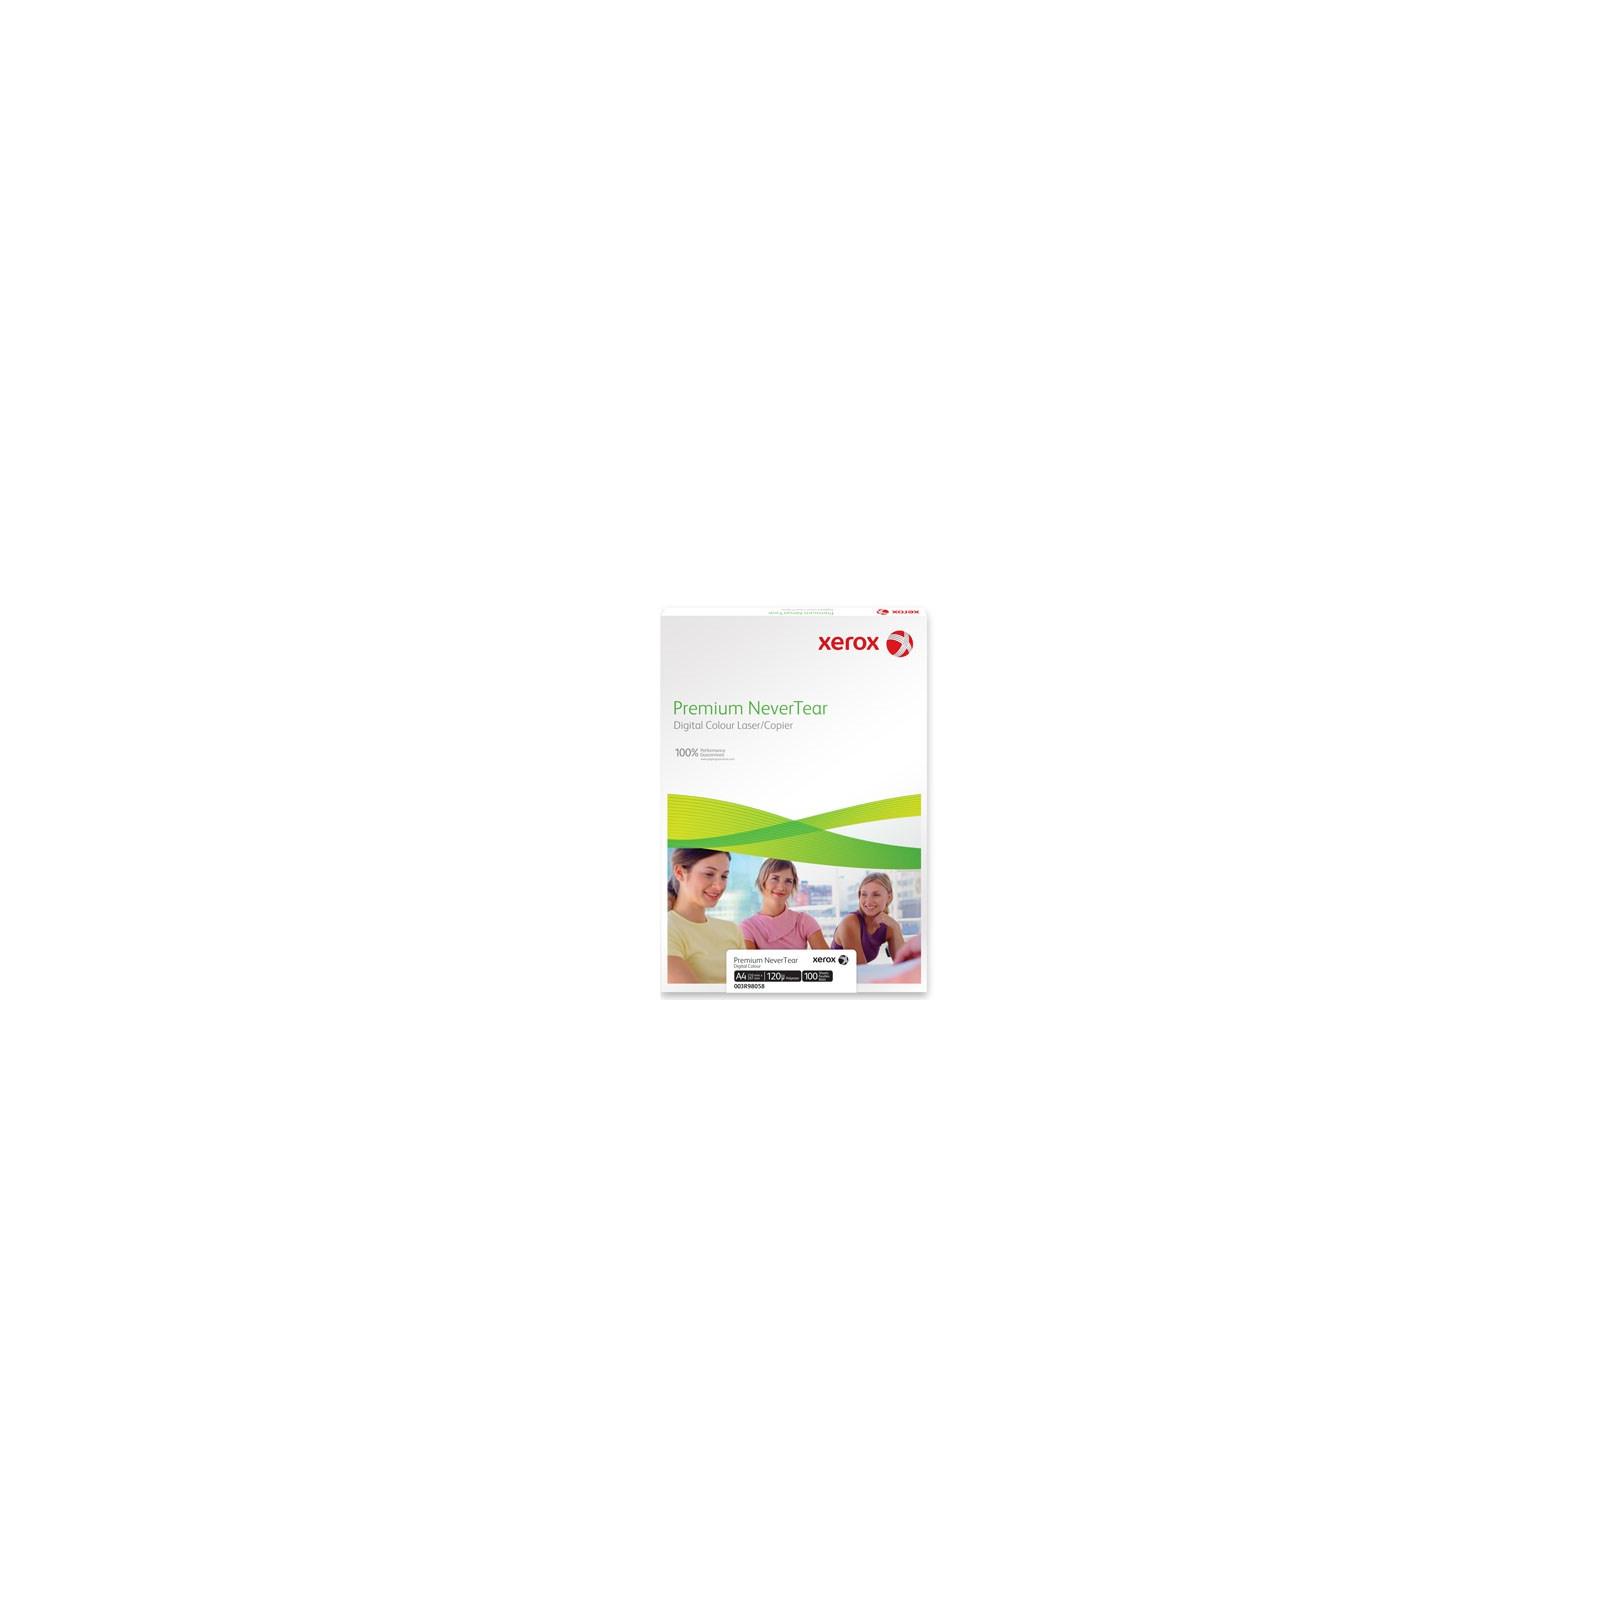 Пленка для печати XEROX A4 Premium Never Tear (003R98093)